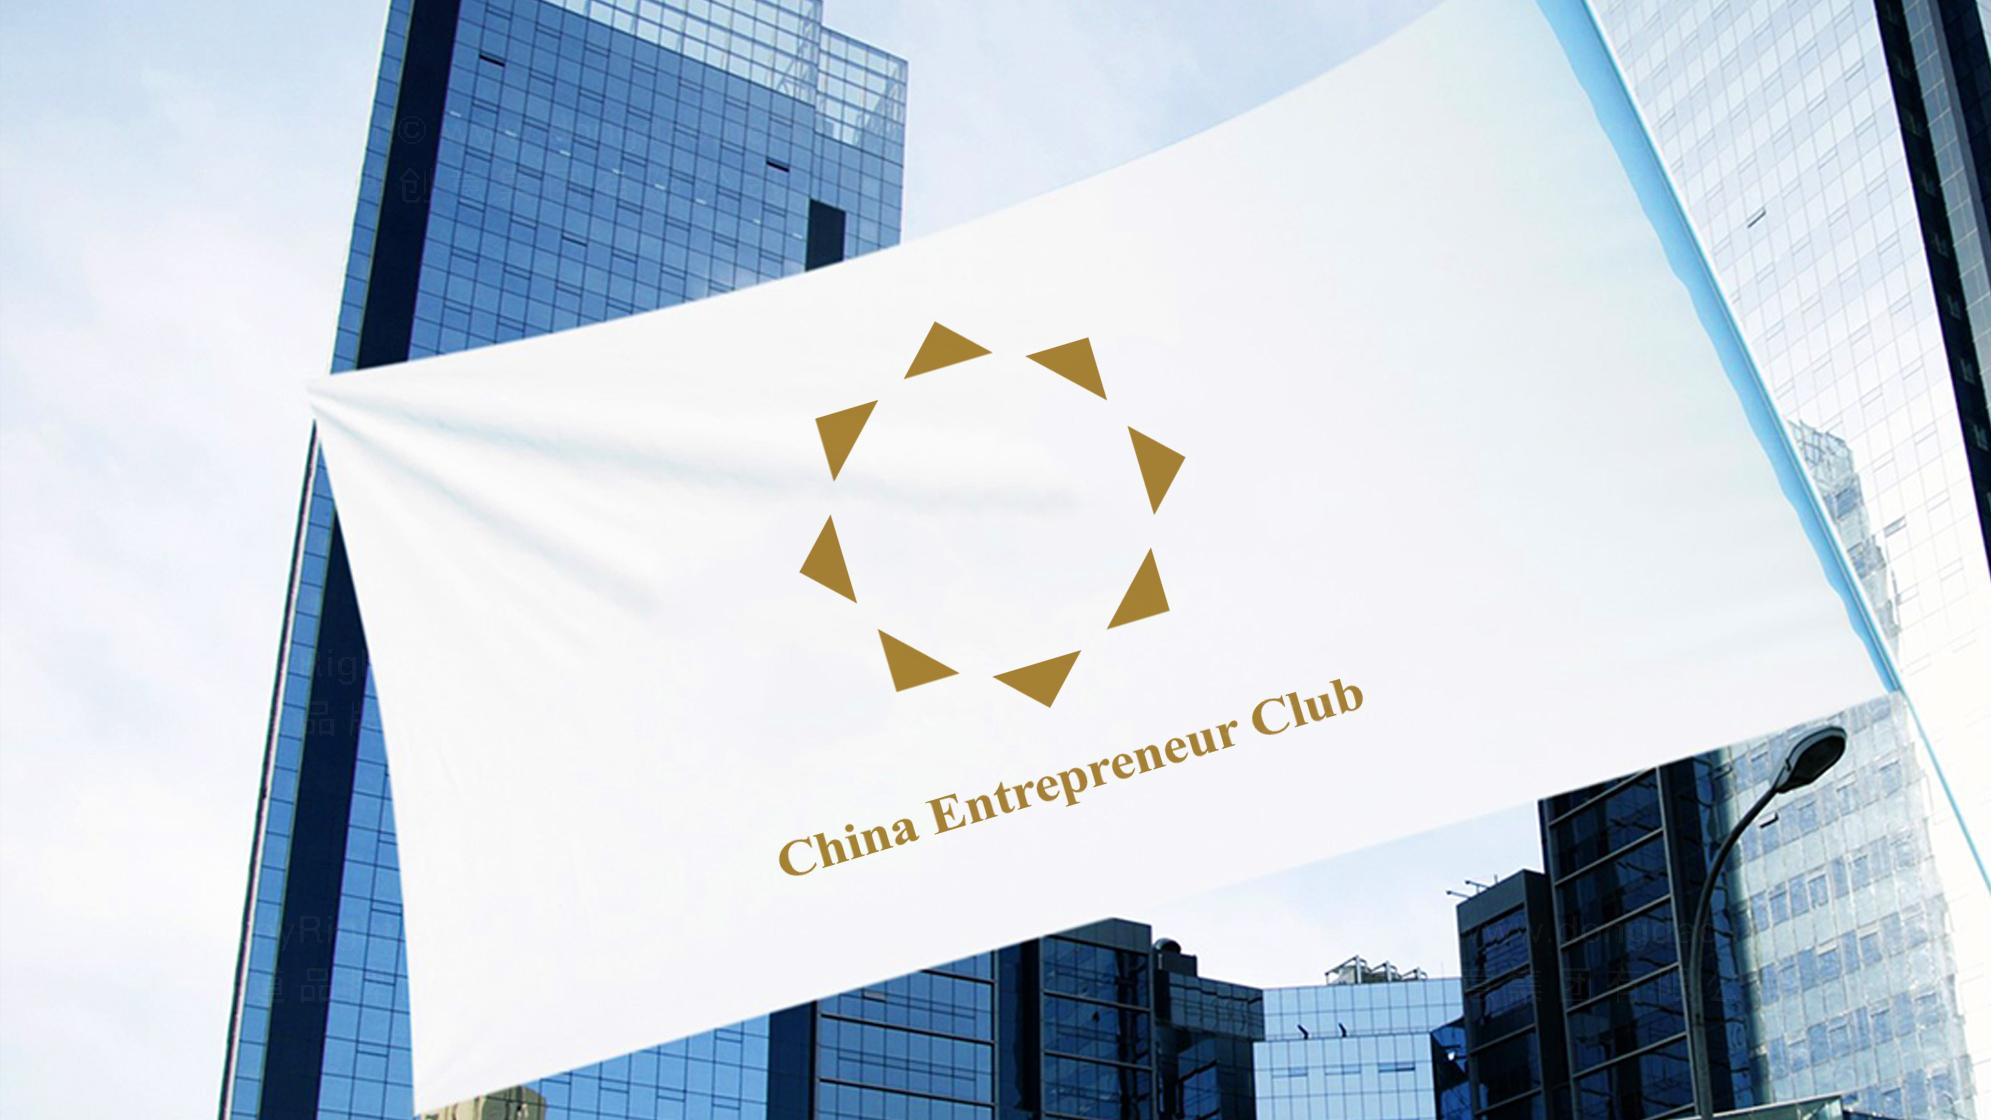 品牌设计中国企业家俱乐部LOGO设计应用场景_1